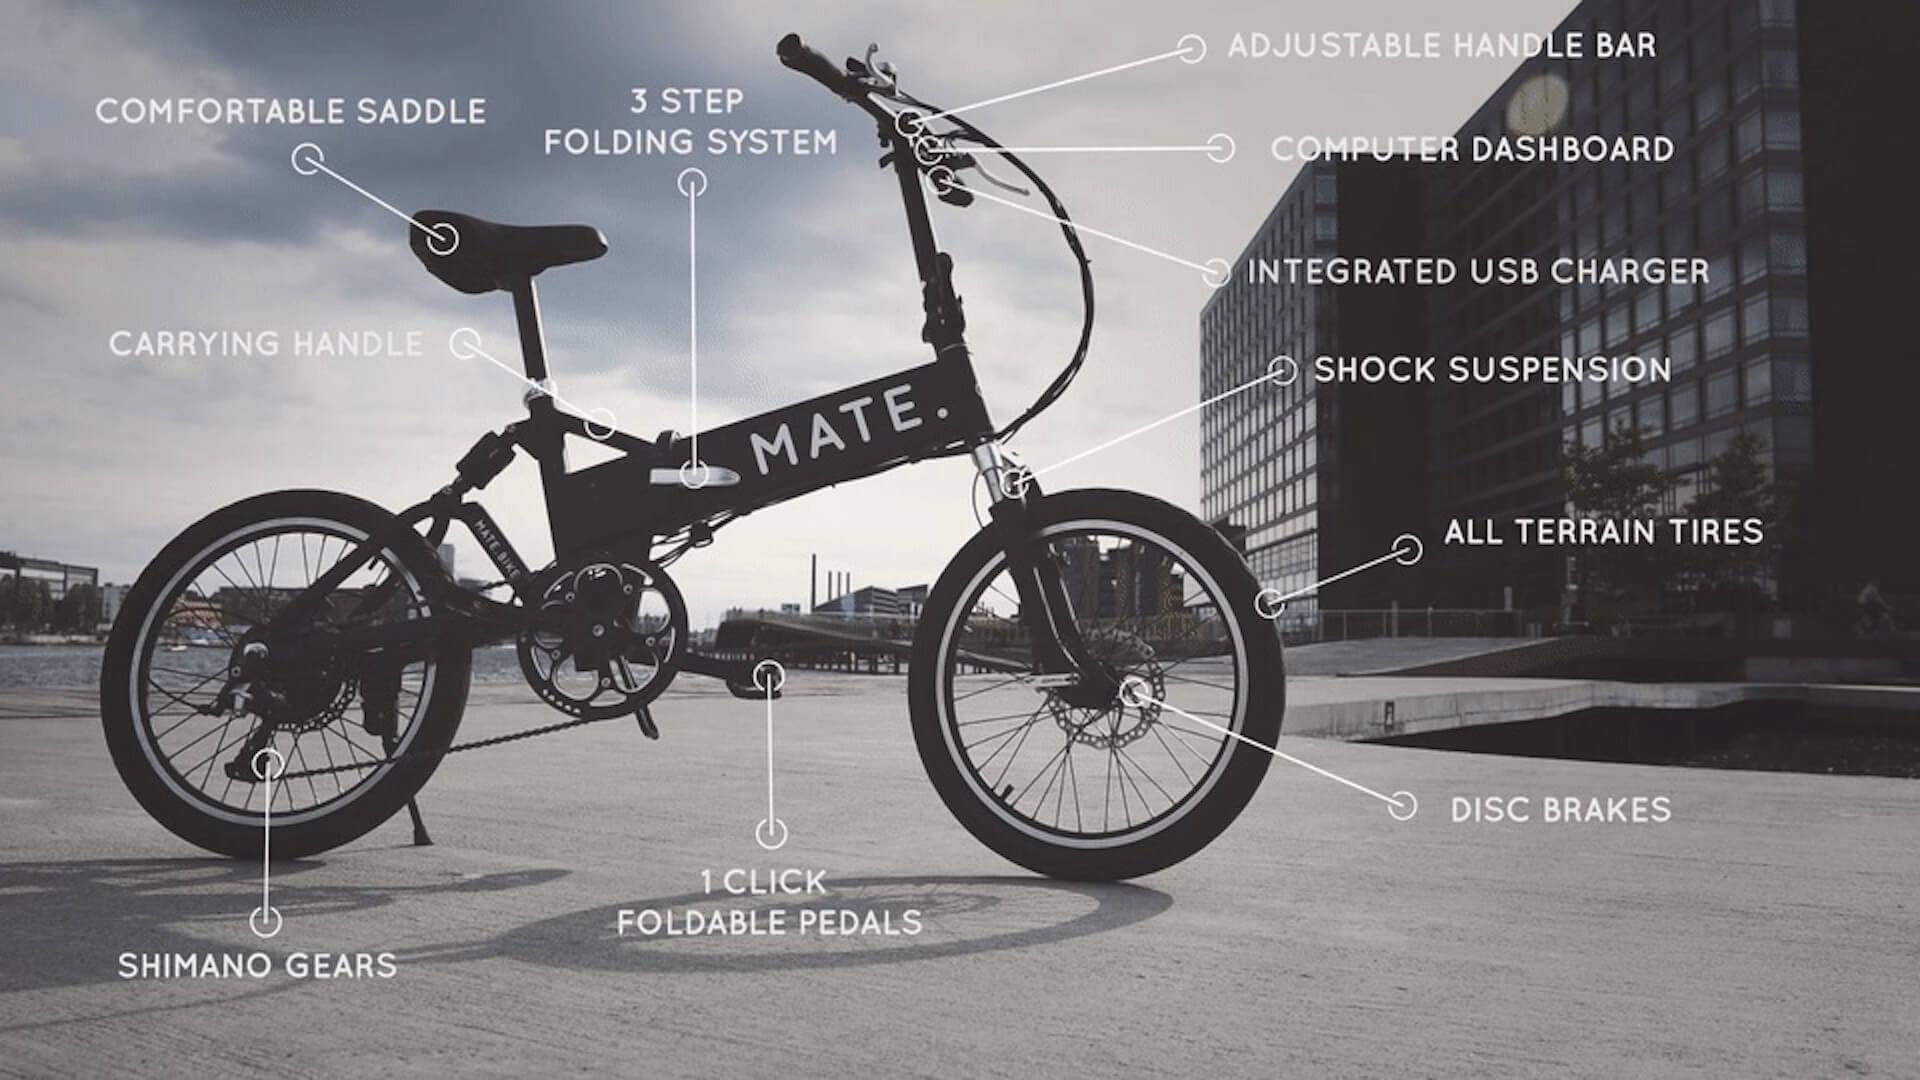 デンマーク・コペンハーゲン発のブランドMATE. BIKEより街乗りに特化したe-BIKE「MATE CITY」が2モデルで登場! culture_210712_MATE-CITY3